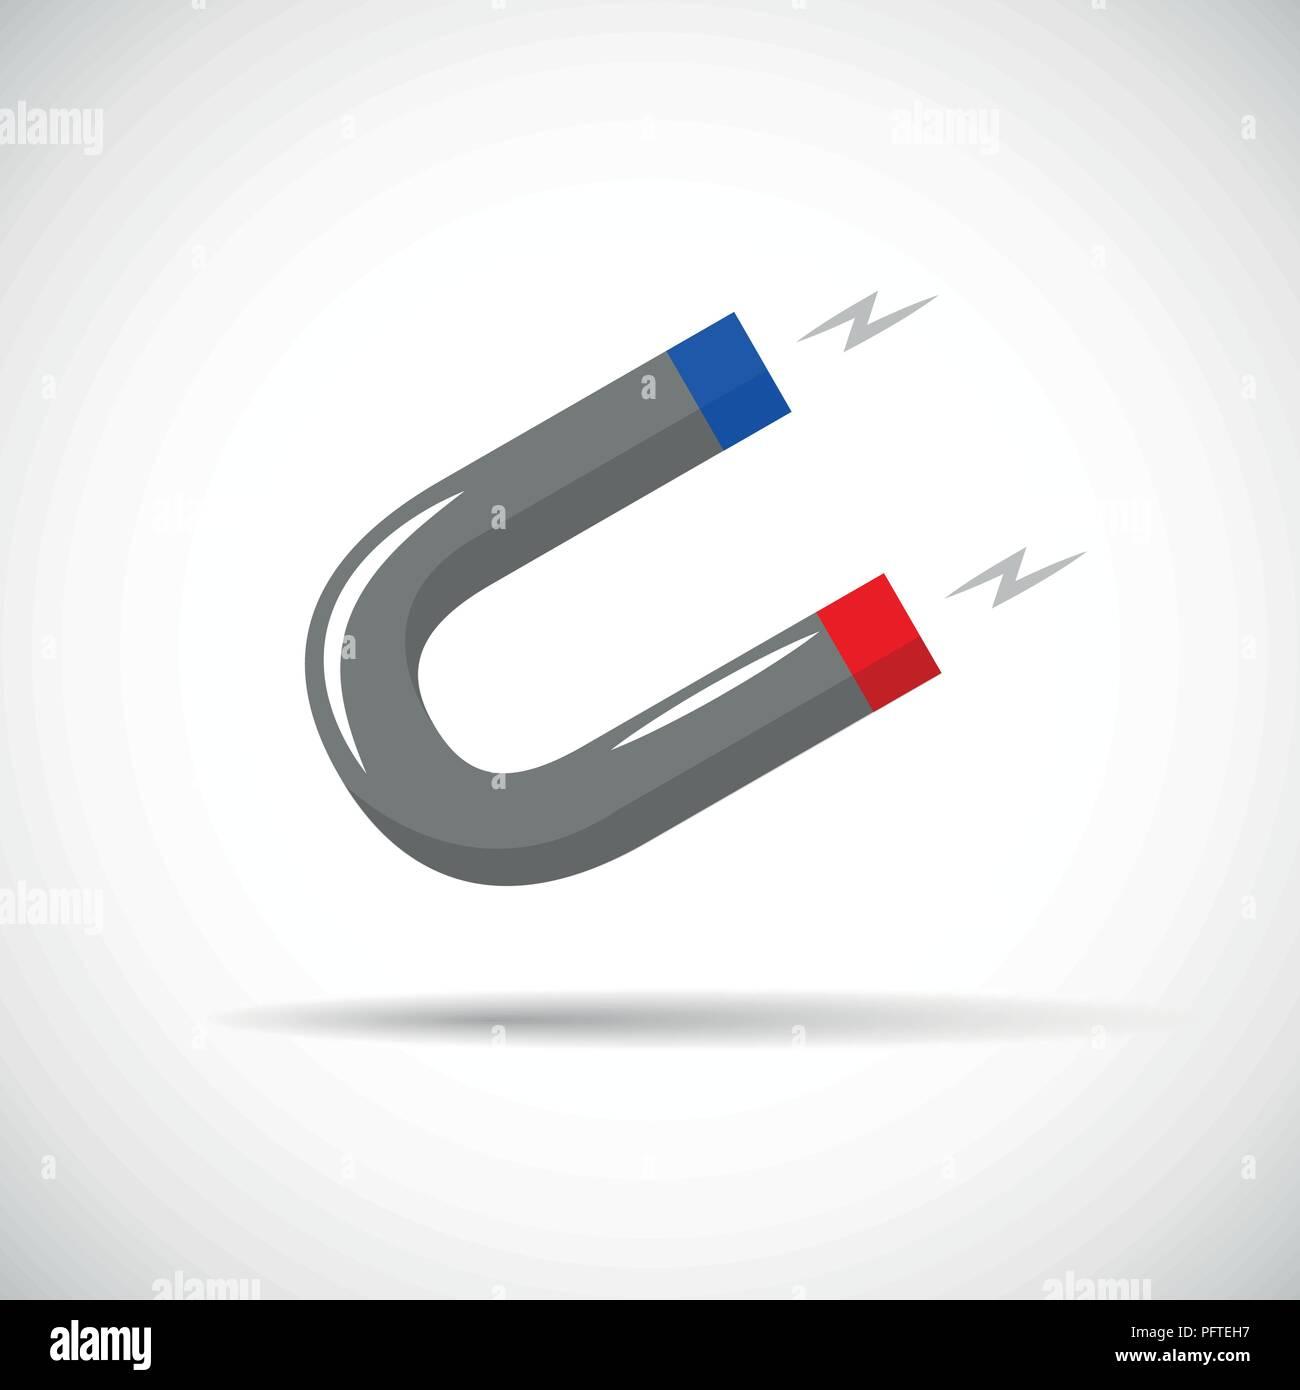 Magnet power Symbol Piktogramm Vektor-illustration EPS 10. Stockbild